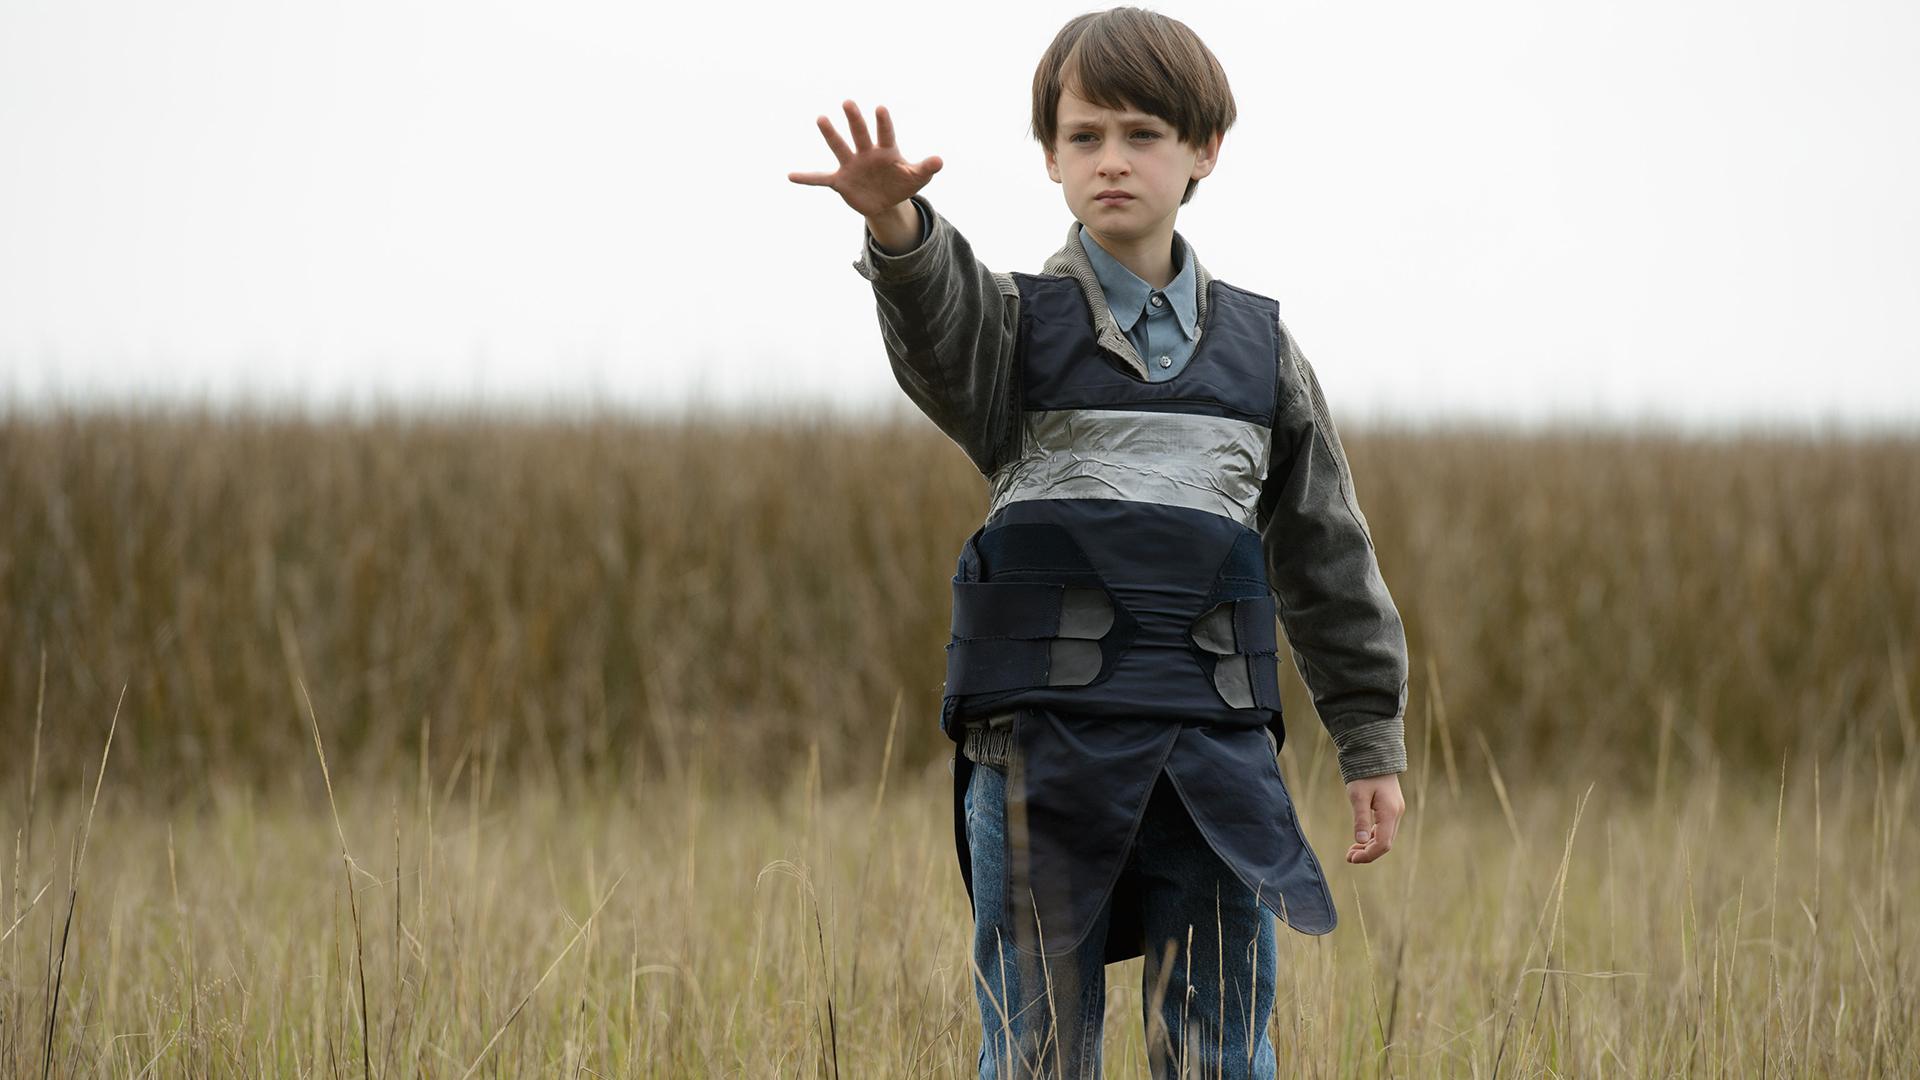 男孩利用超能力,打开了高维世界的大门,所有人都惊了